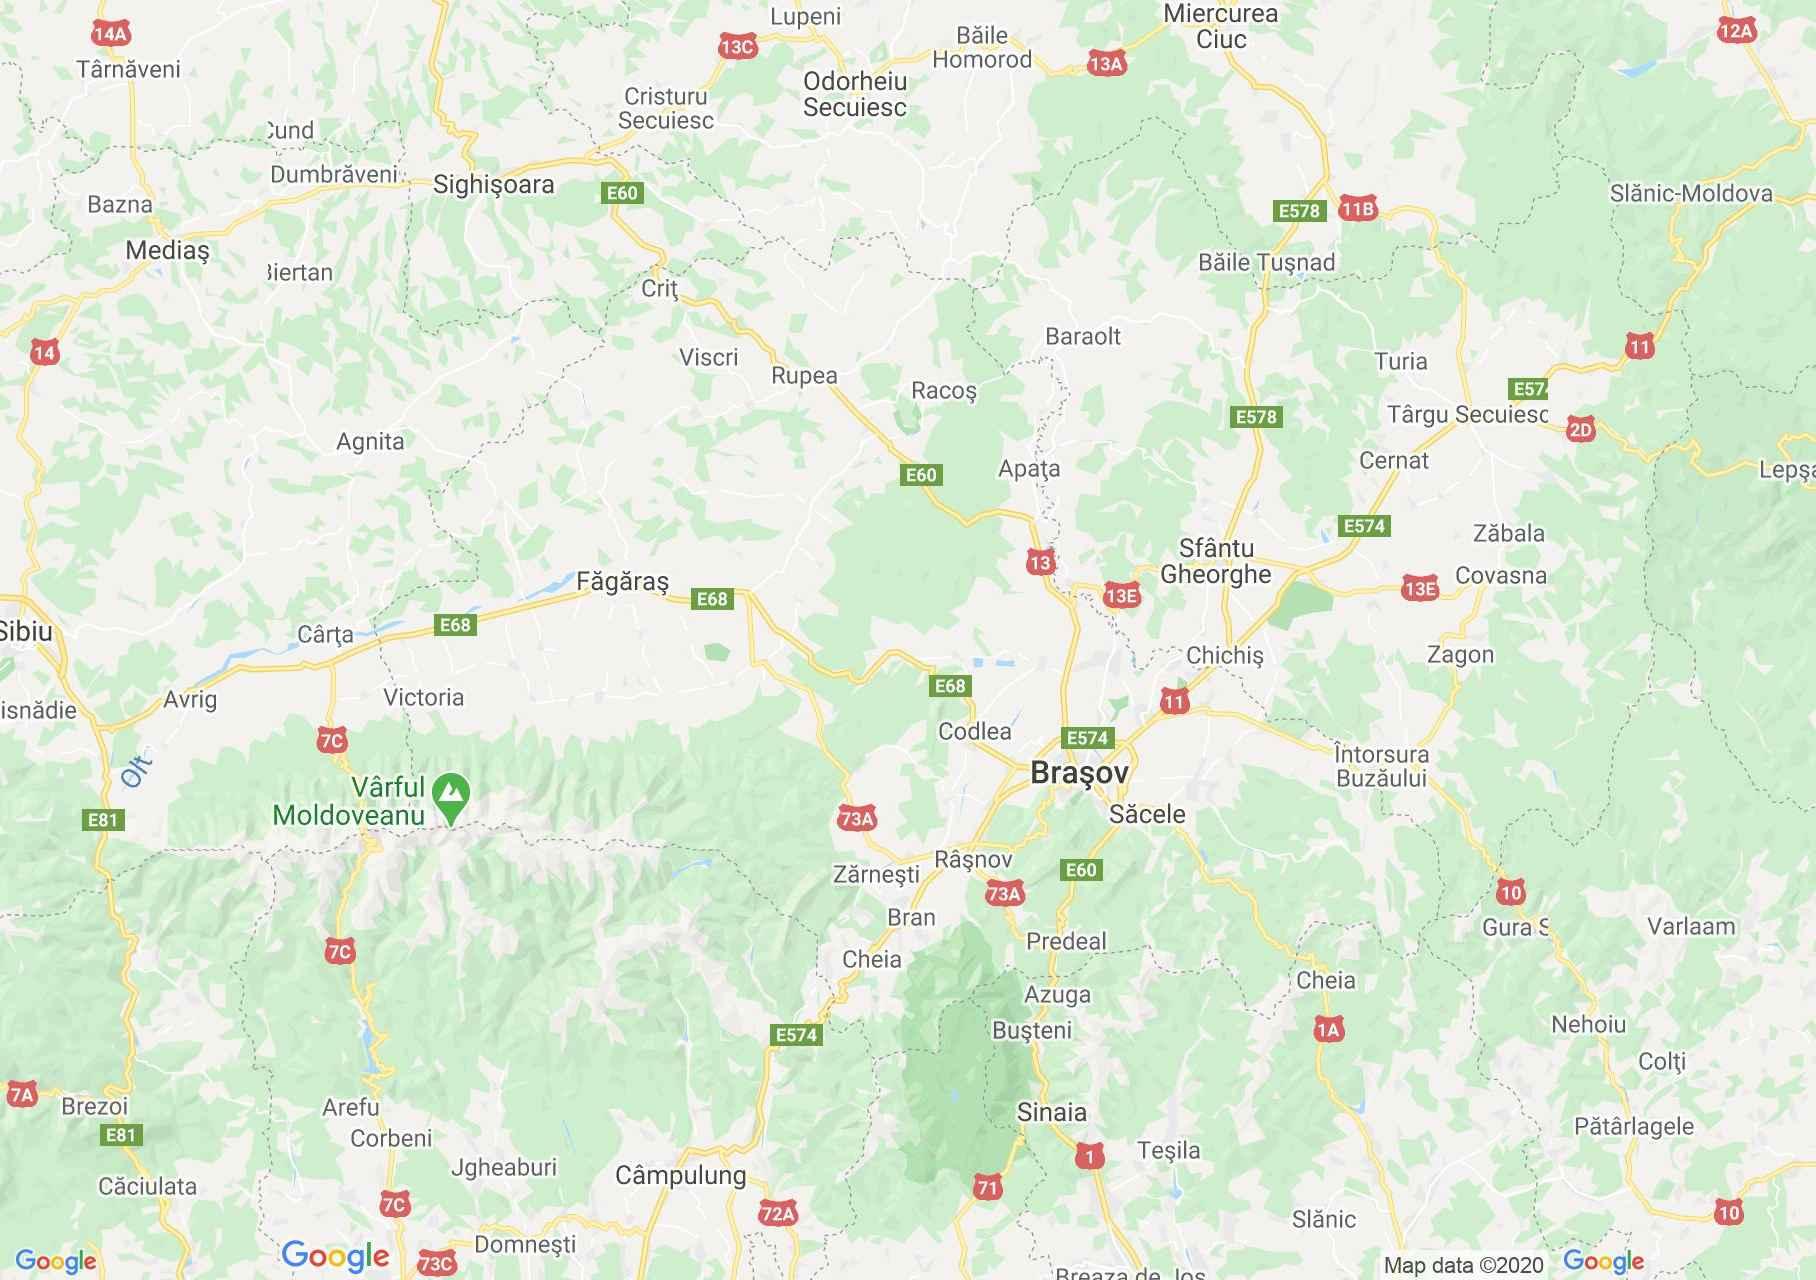 Judeţul Braşov: (Braşov), Harta turistică interactivă